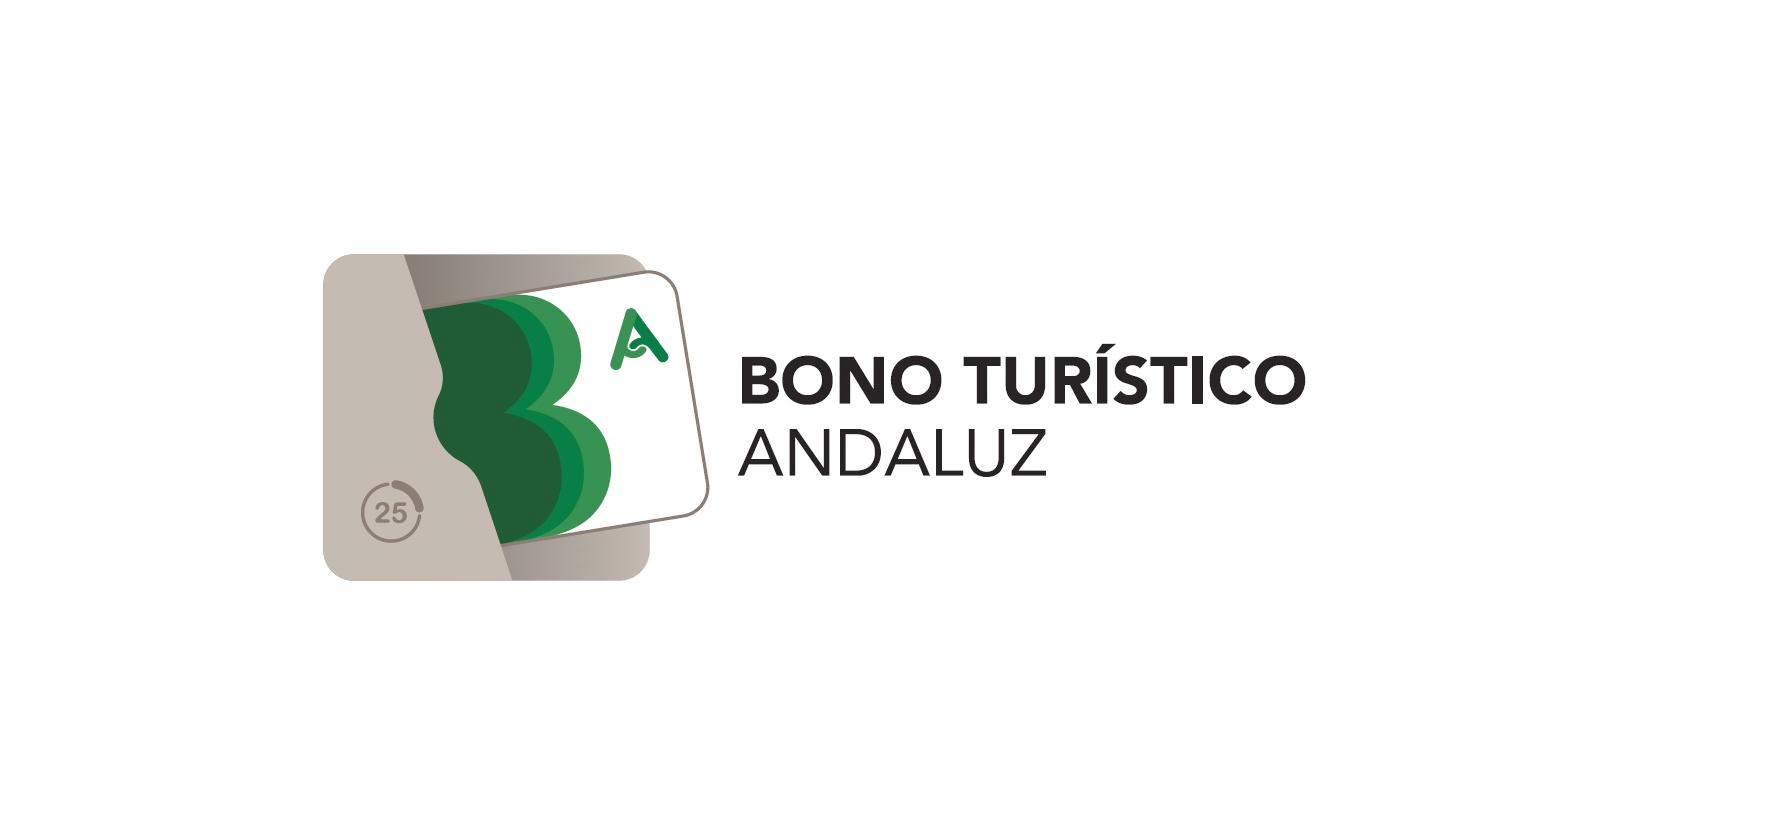 Bono Turístico Andaluz, ahorra en tus vacaciones de este verano